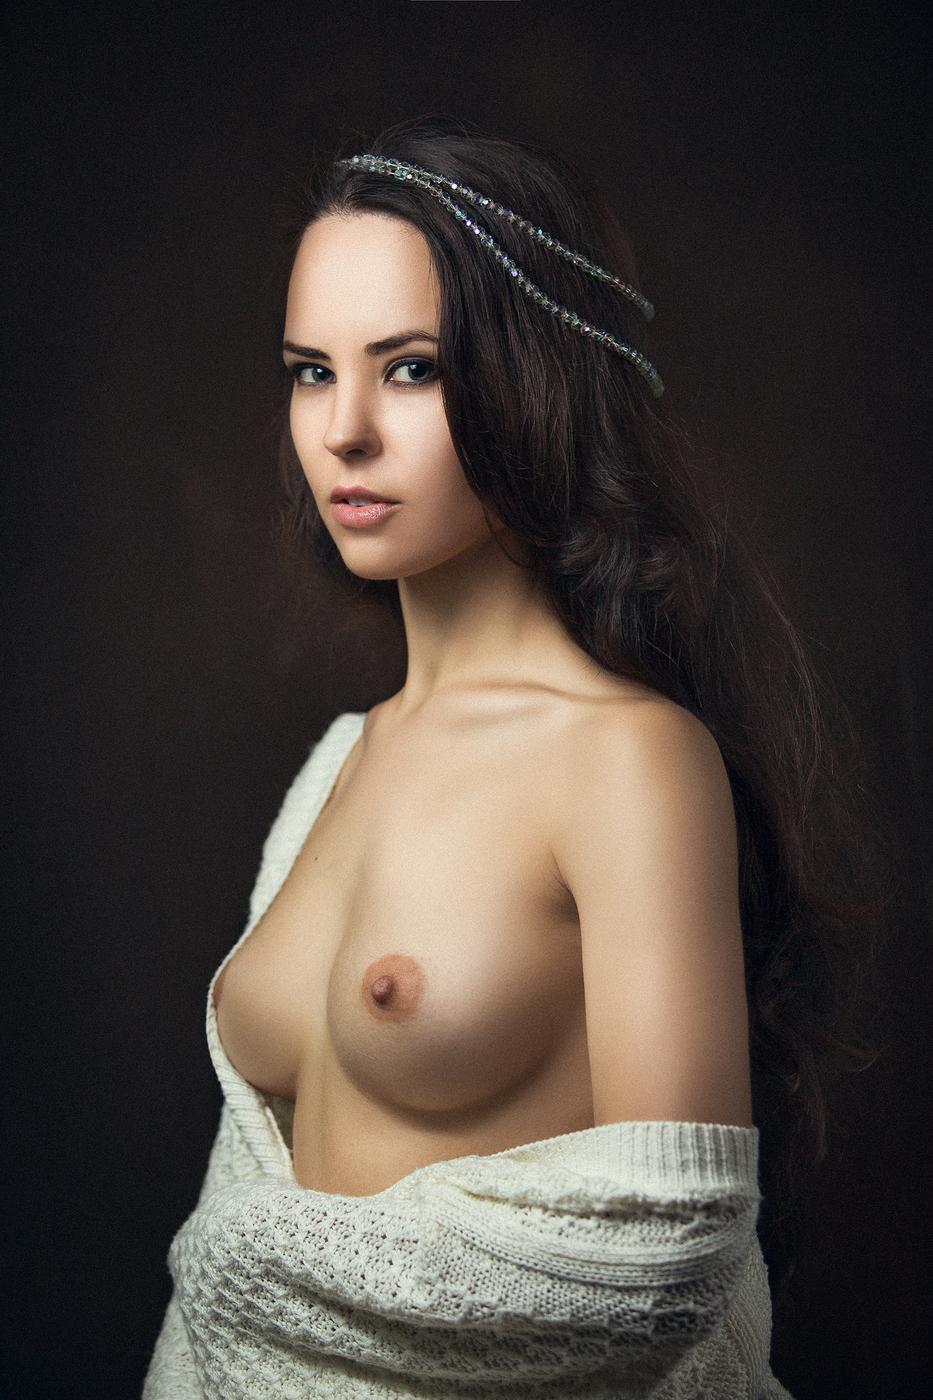 Женская грудь 0127.jpg